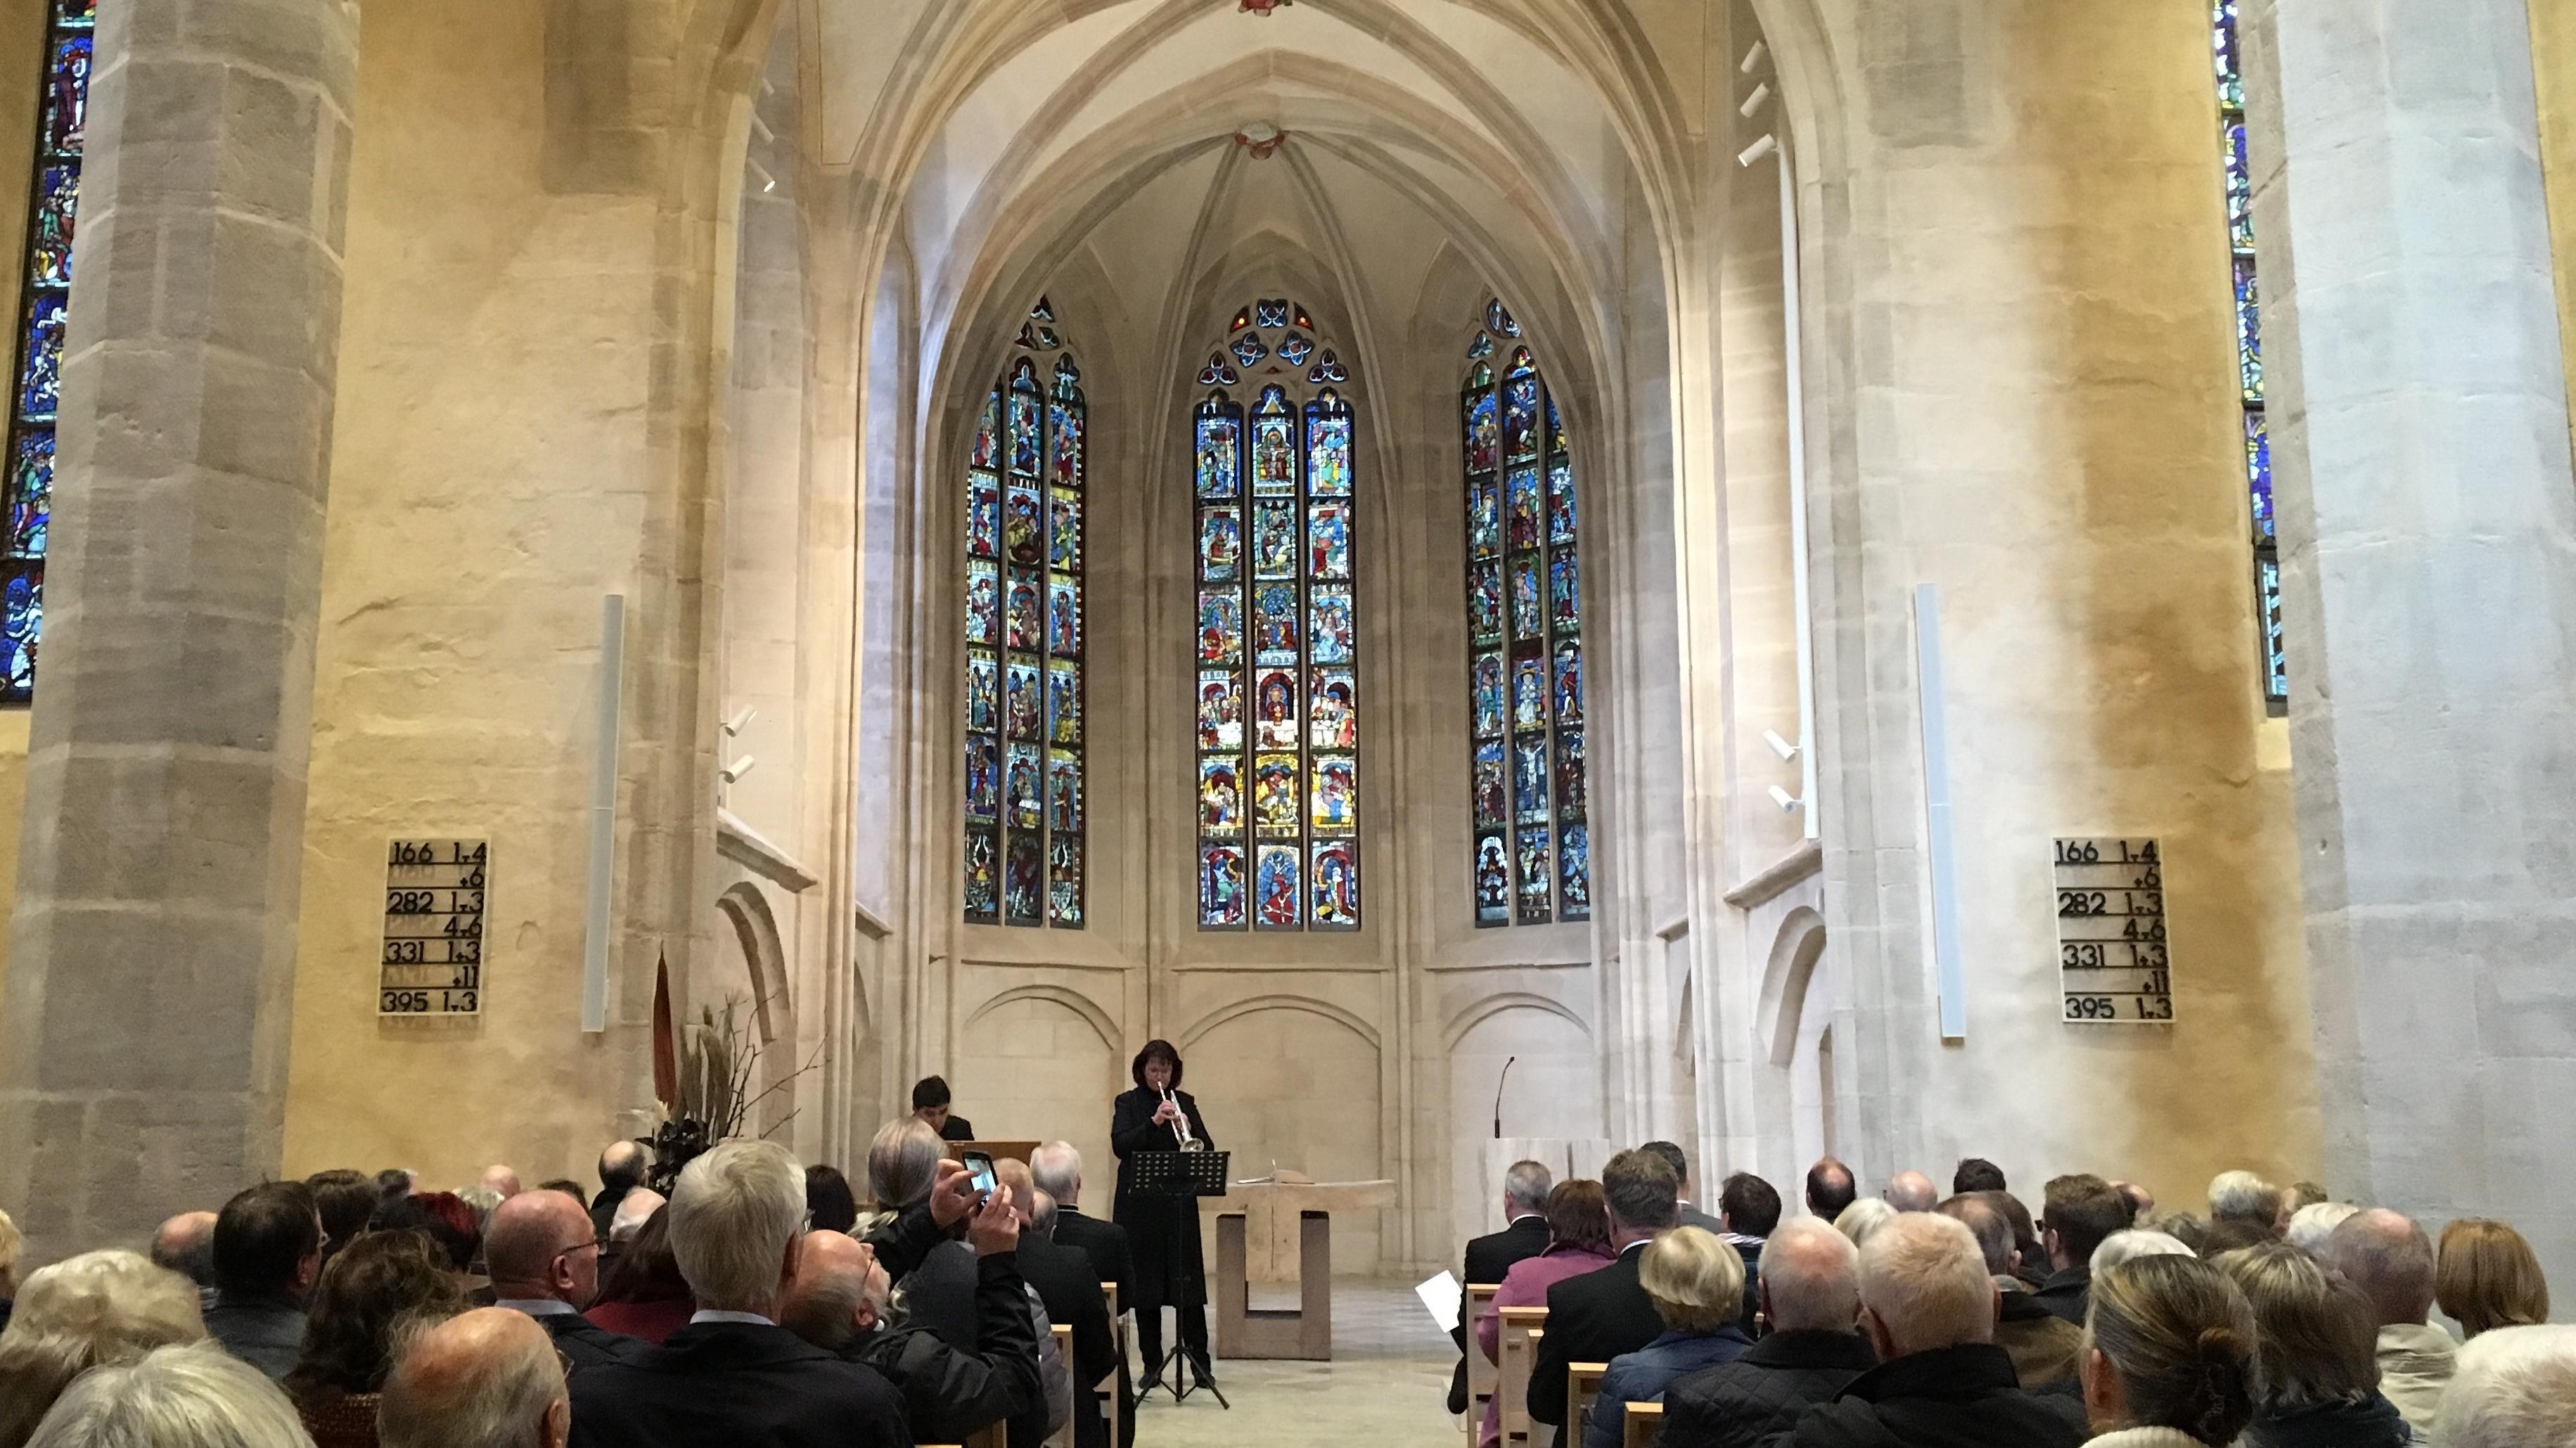 Auf der Eröffnungsveranstaltung in der sanierten St. Martha-Kirche in Nürnberg